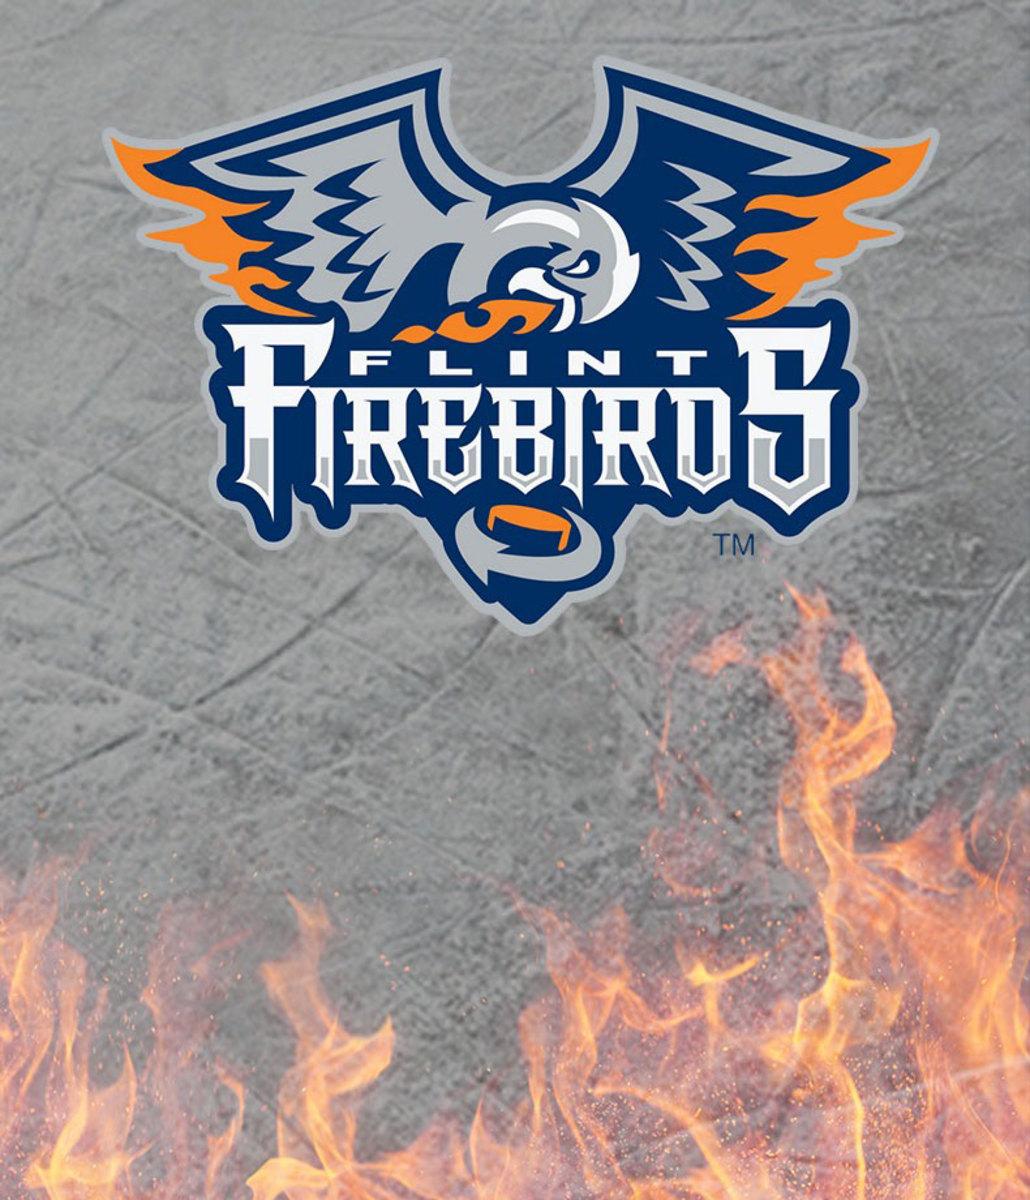 2015-1116-Flint-Firebirds-logo.jpg